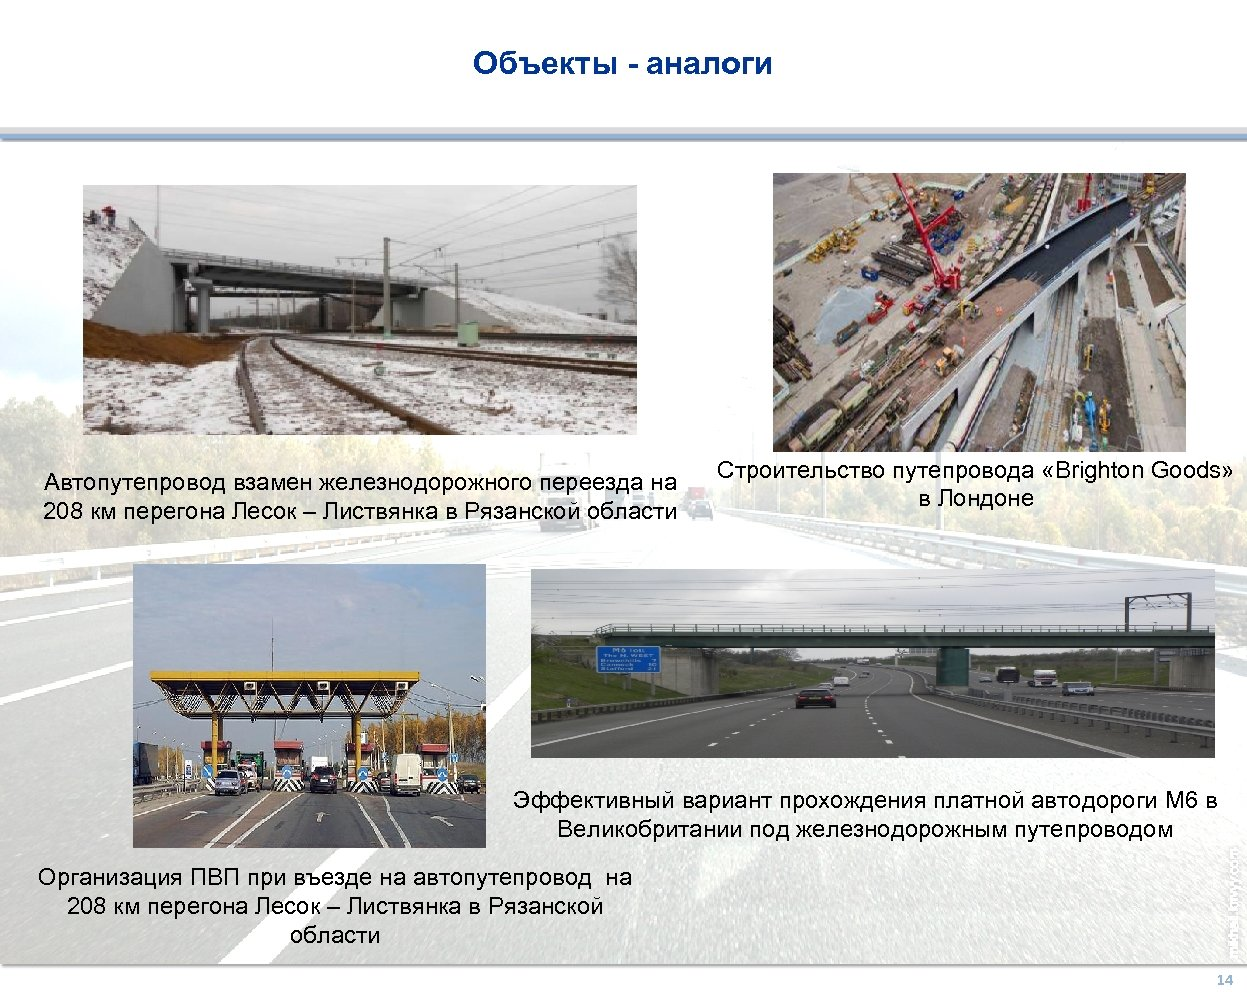 Объекты - аналоги Автопутепровод взамен железнодорожного переезда на 208 км перегона Лесок – Листвянка